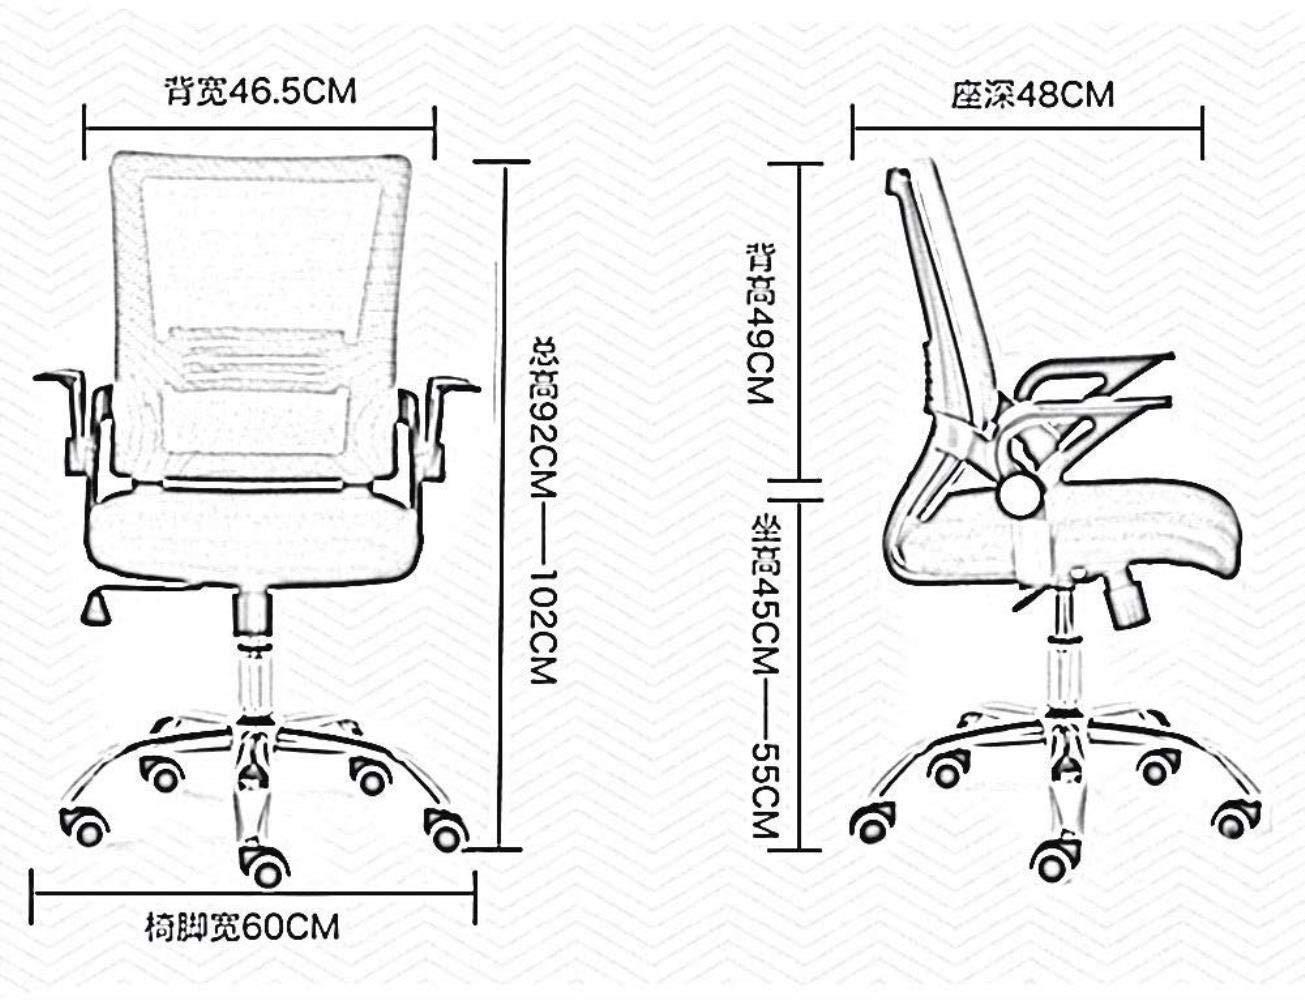 Barstolar Xiuyun ergonomisk kontorsstol nät datorstol skrivbordsstol hopfällbar armstöd latexkudde hem skrivbordsstol med lutningsfunktion bärande vikt 120 kg gRÖN Svart